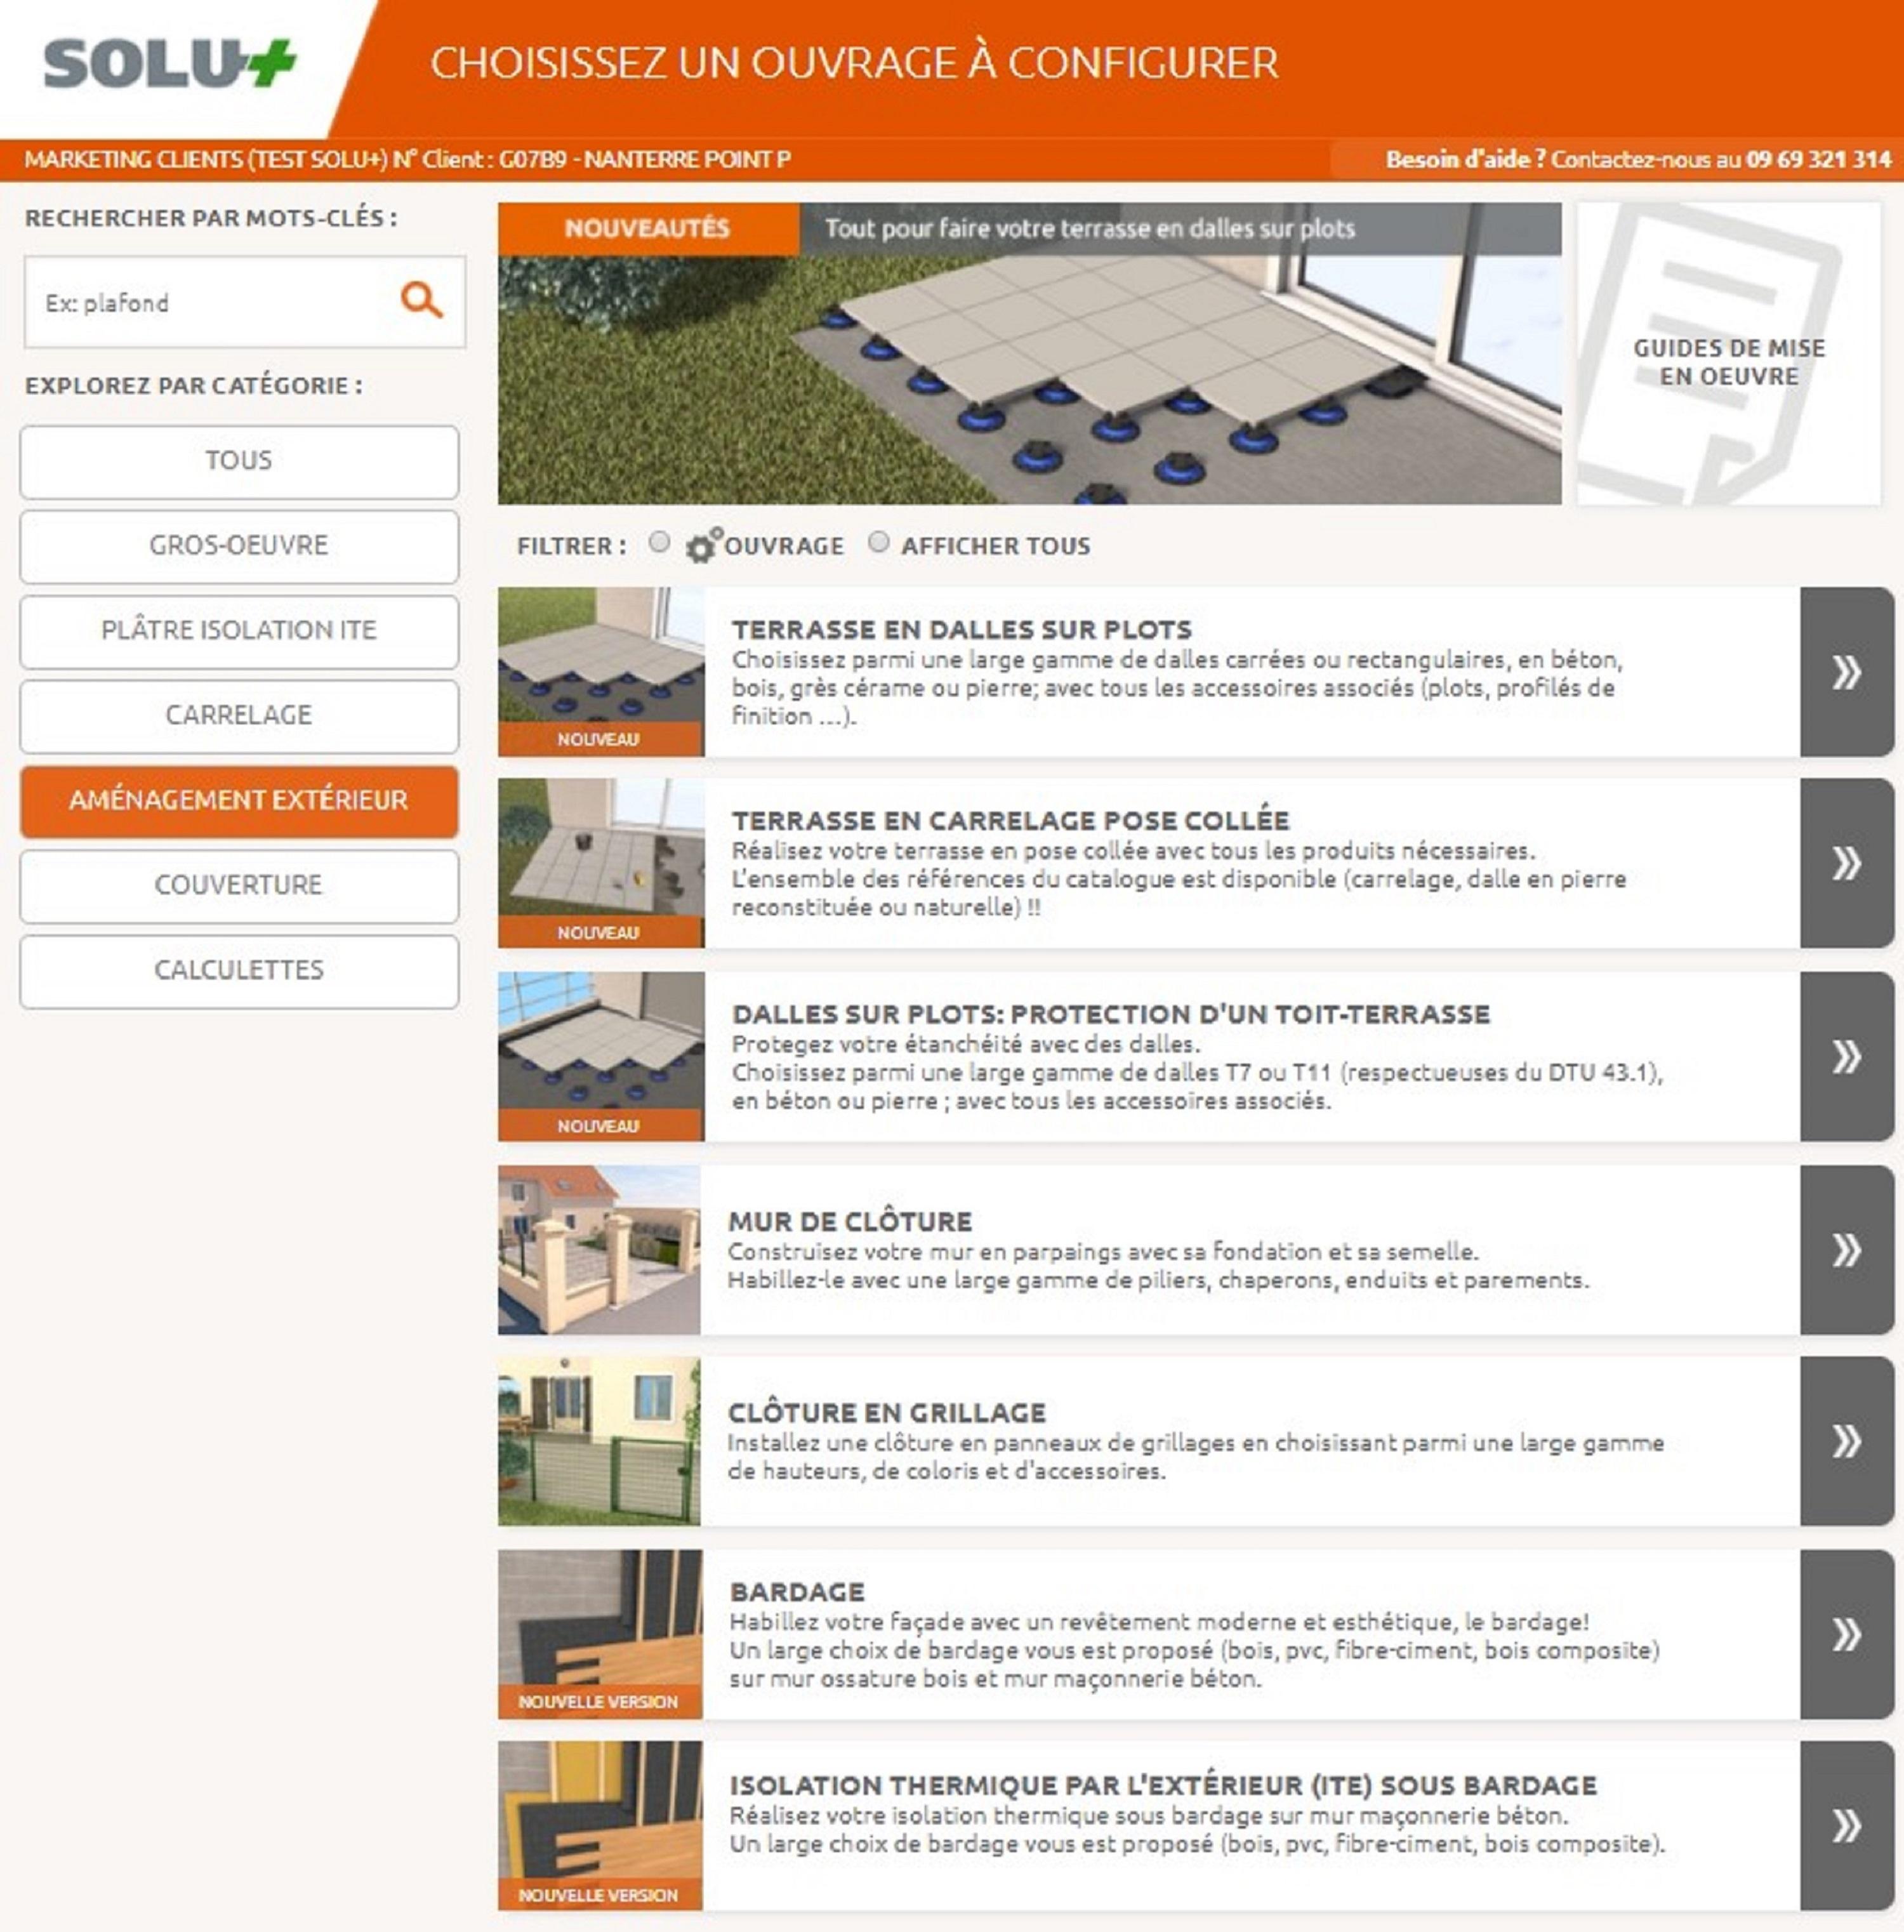 Solu De Point P Materiaux De Construction Toujours Plus De Solutions Pour Aider Les Professionnels Clc Communications